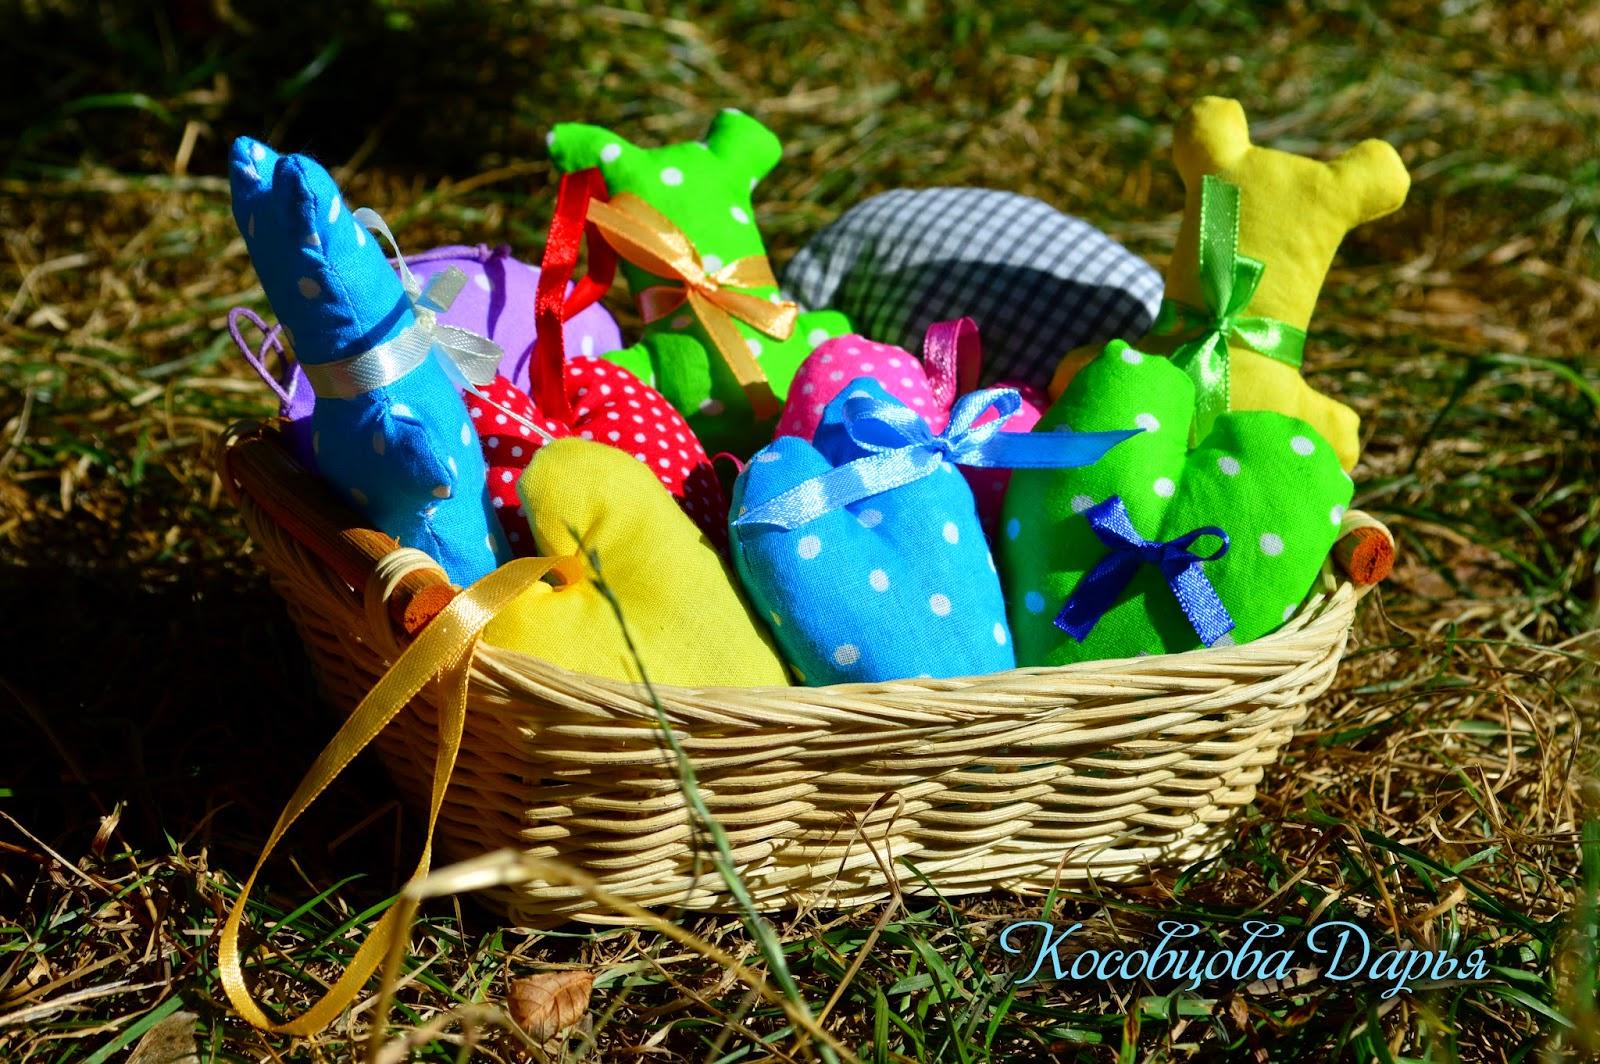 ручная работа, игрушки Киев, подарки на день рождения, подарок на свадьбу, подарок для детей, игрушка для ребенка, украинские игрушки для детей, текстильный лавандовые звери, мишка с лавандой, слон с лавандой. Лавандовые текстильные игрушки